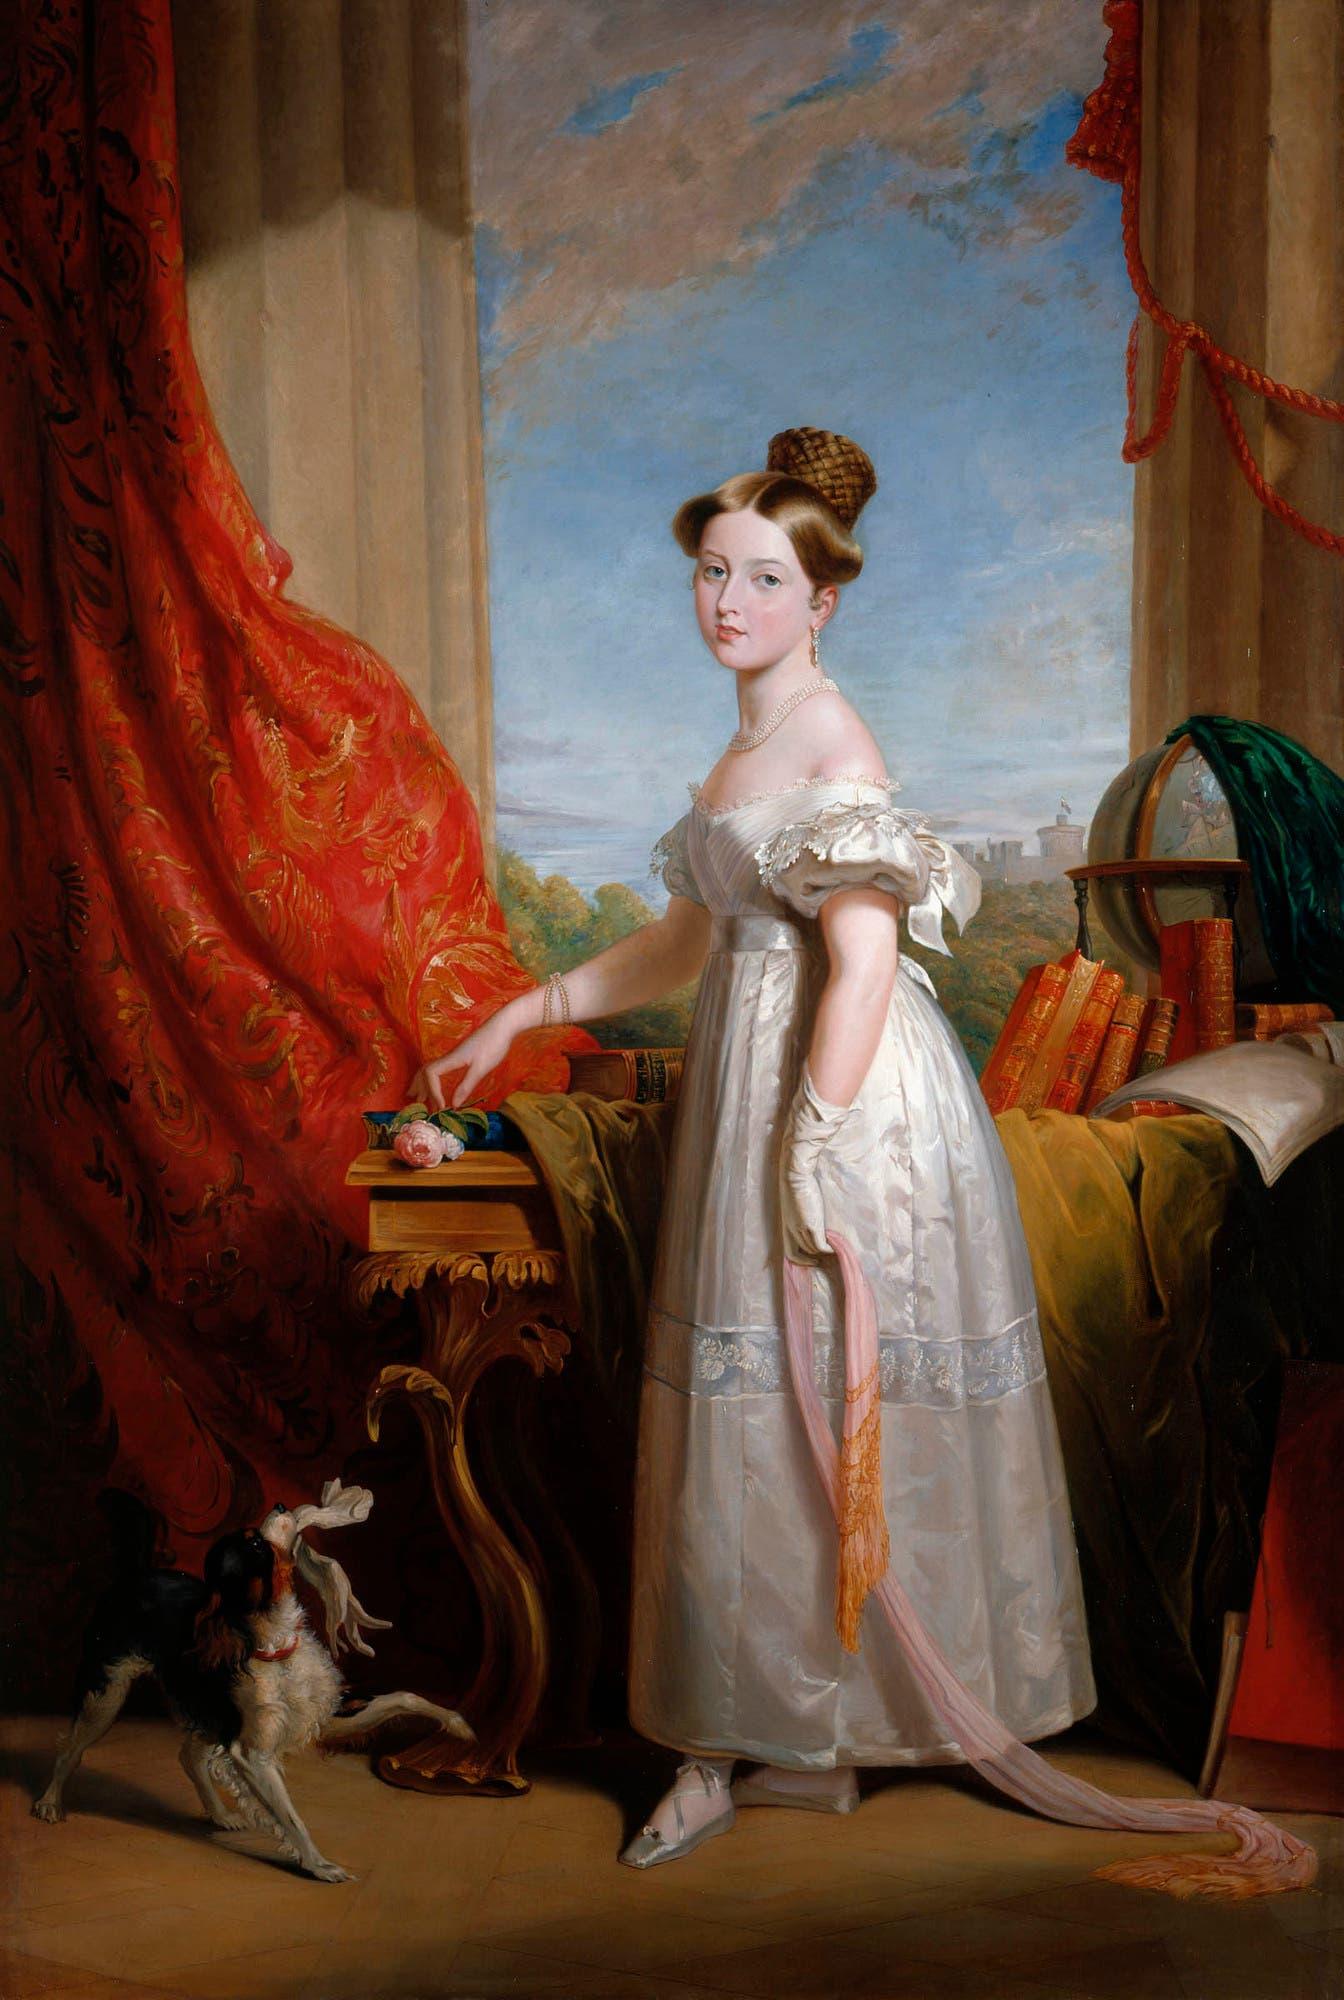 لوحة تجسد الملكة فكتوريا عام 1833